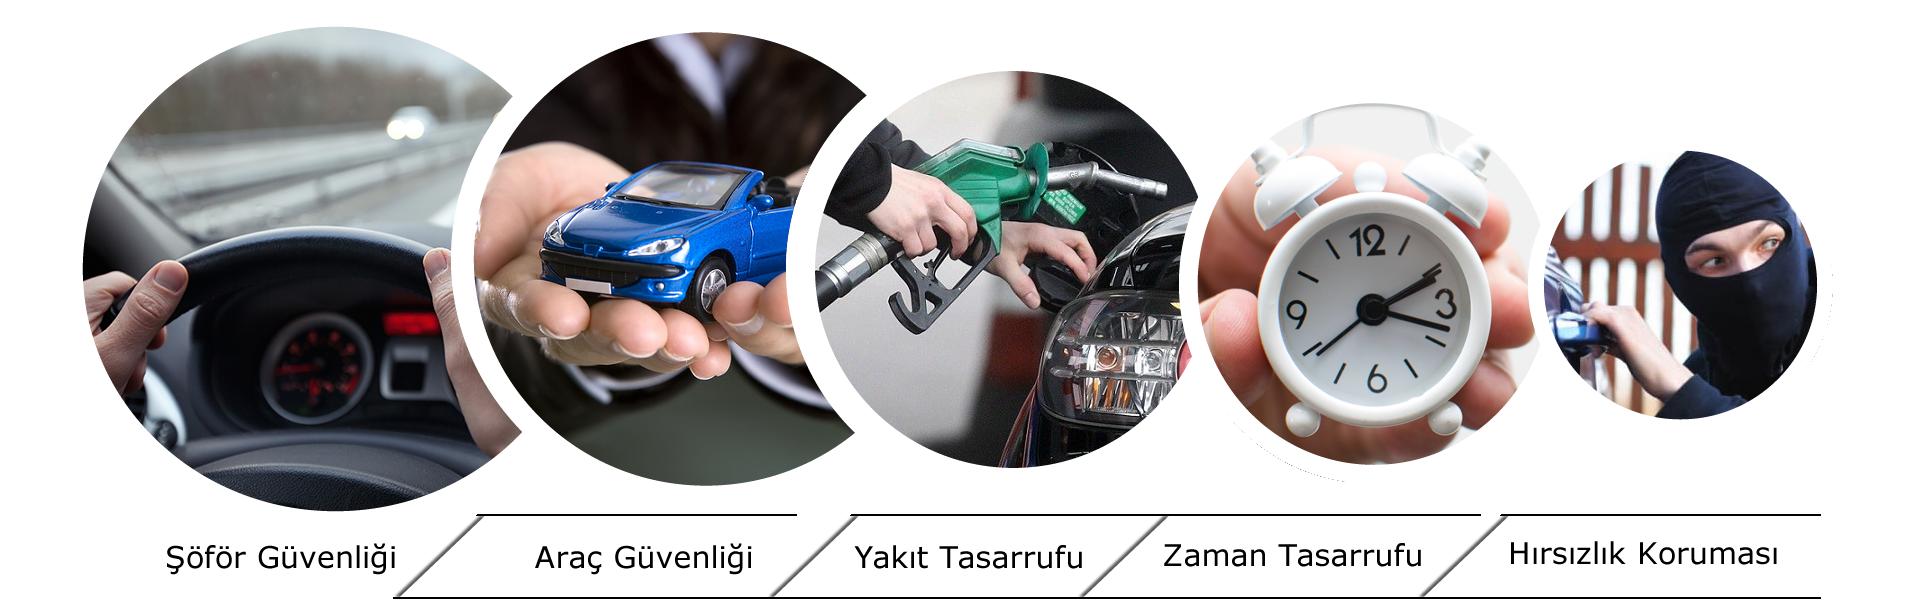 İstanbul Araç takip gihazı özellikleri tanıtım resmi